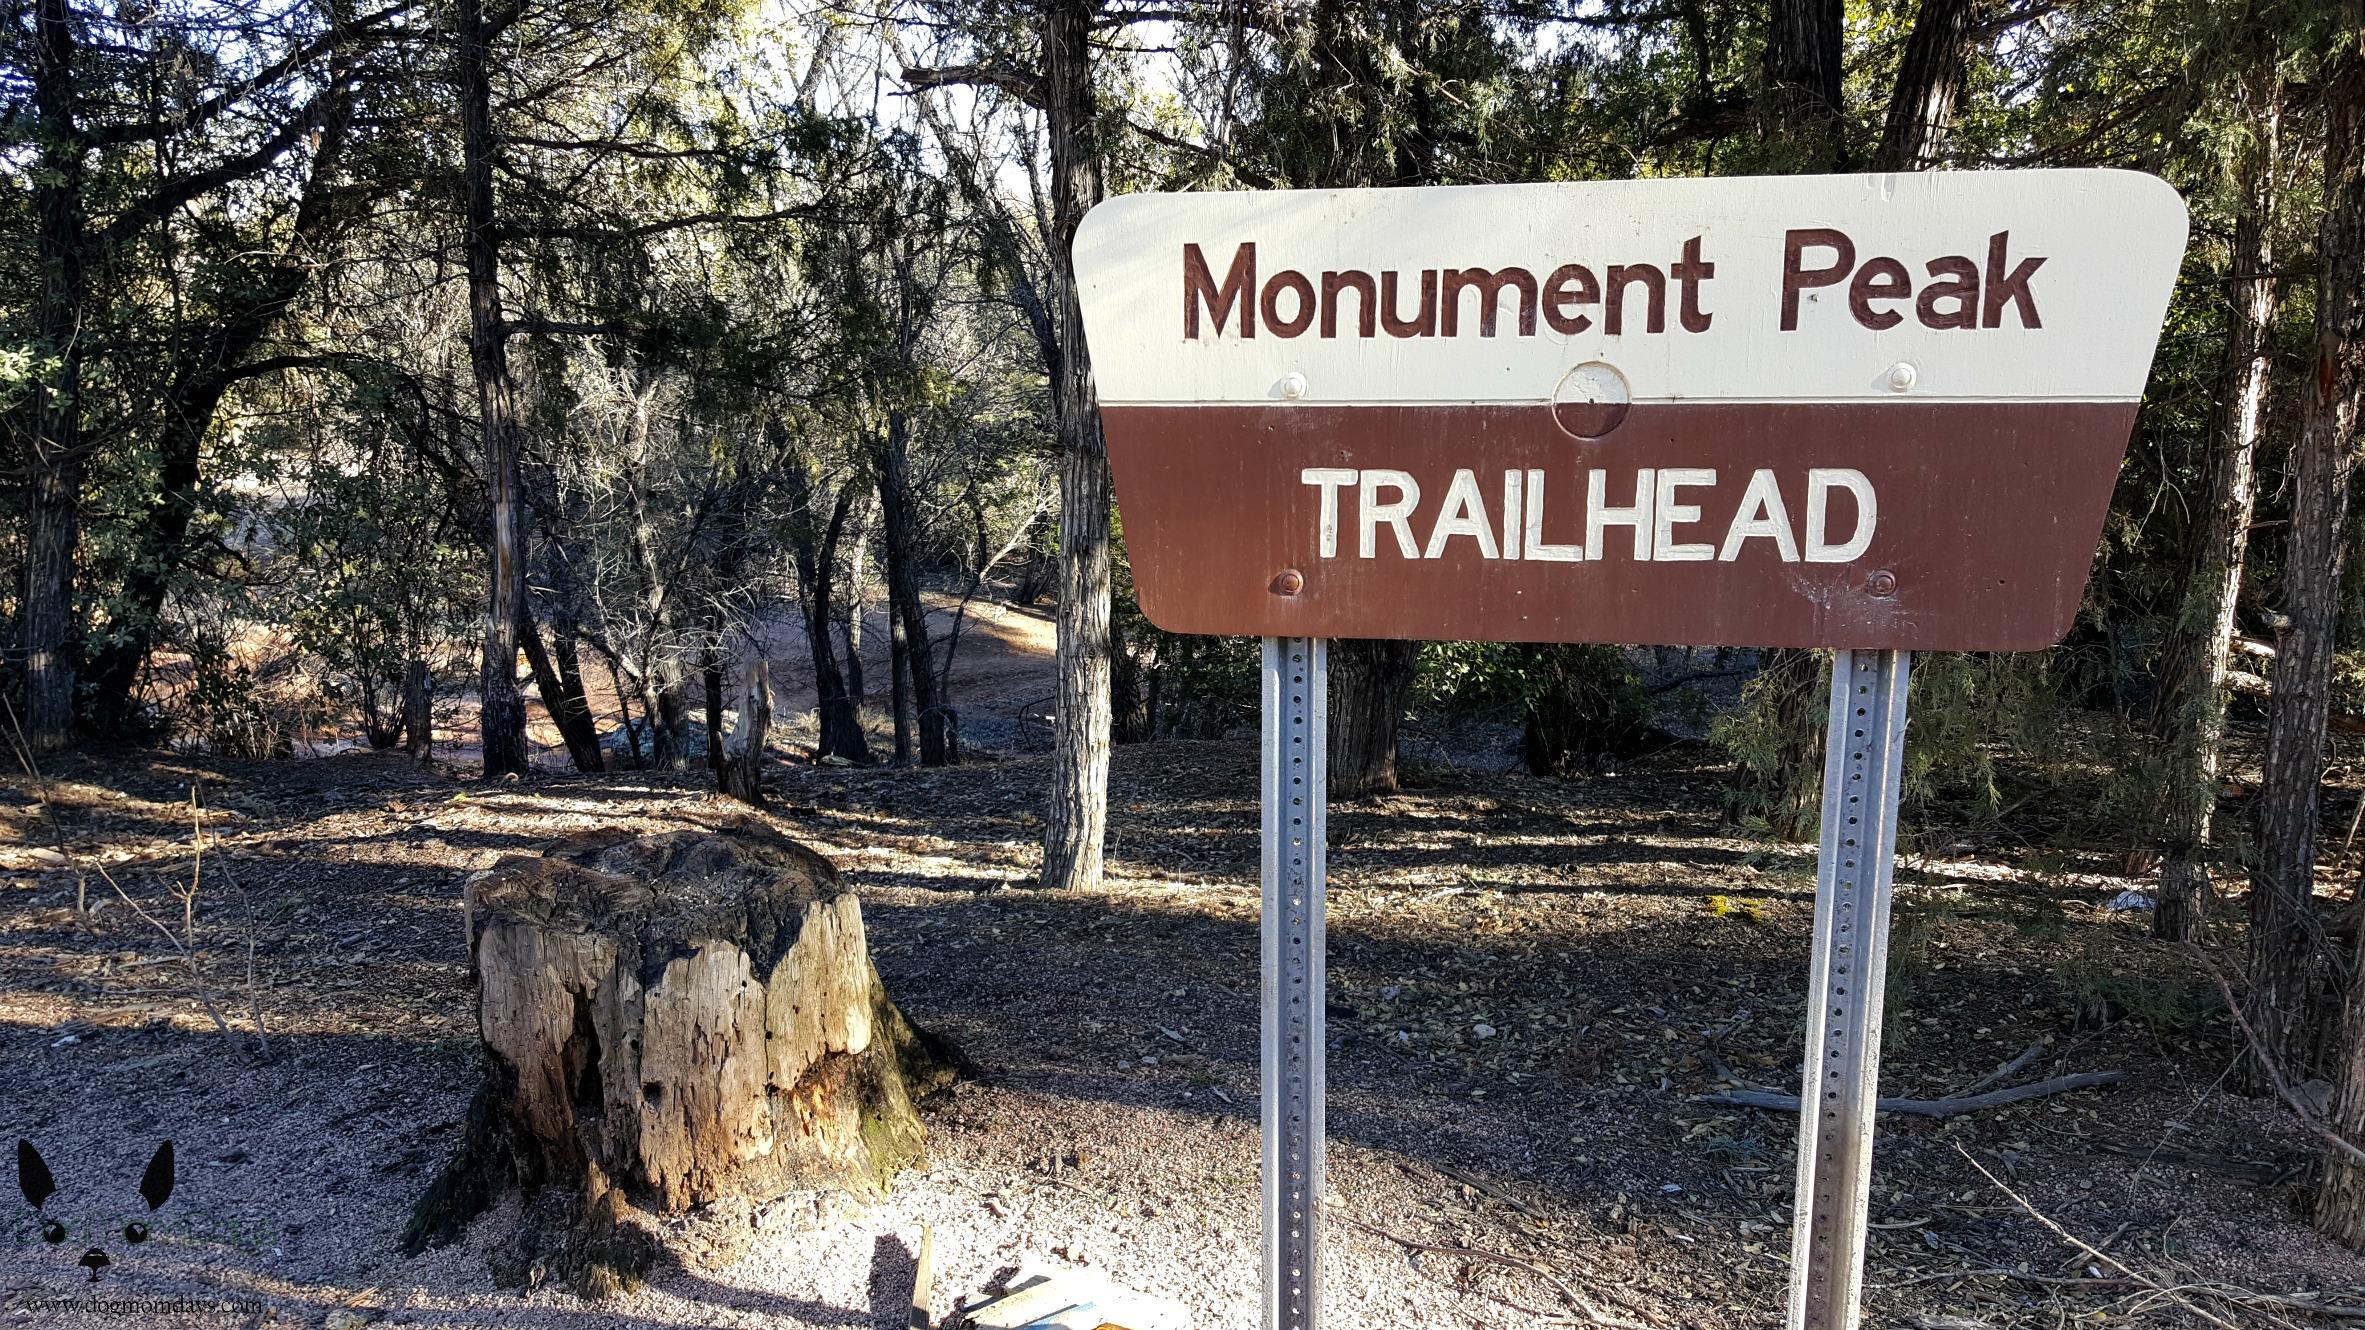 Monument Peak trailhead